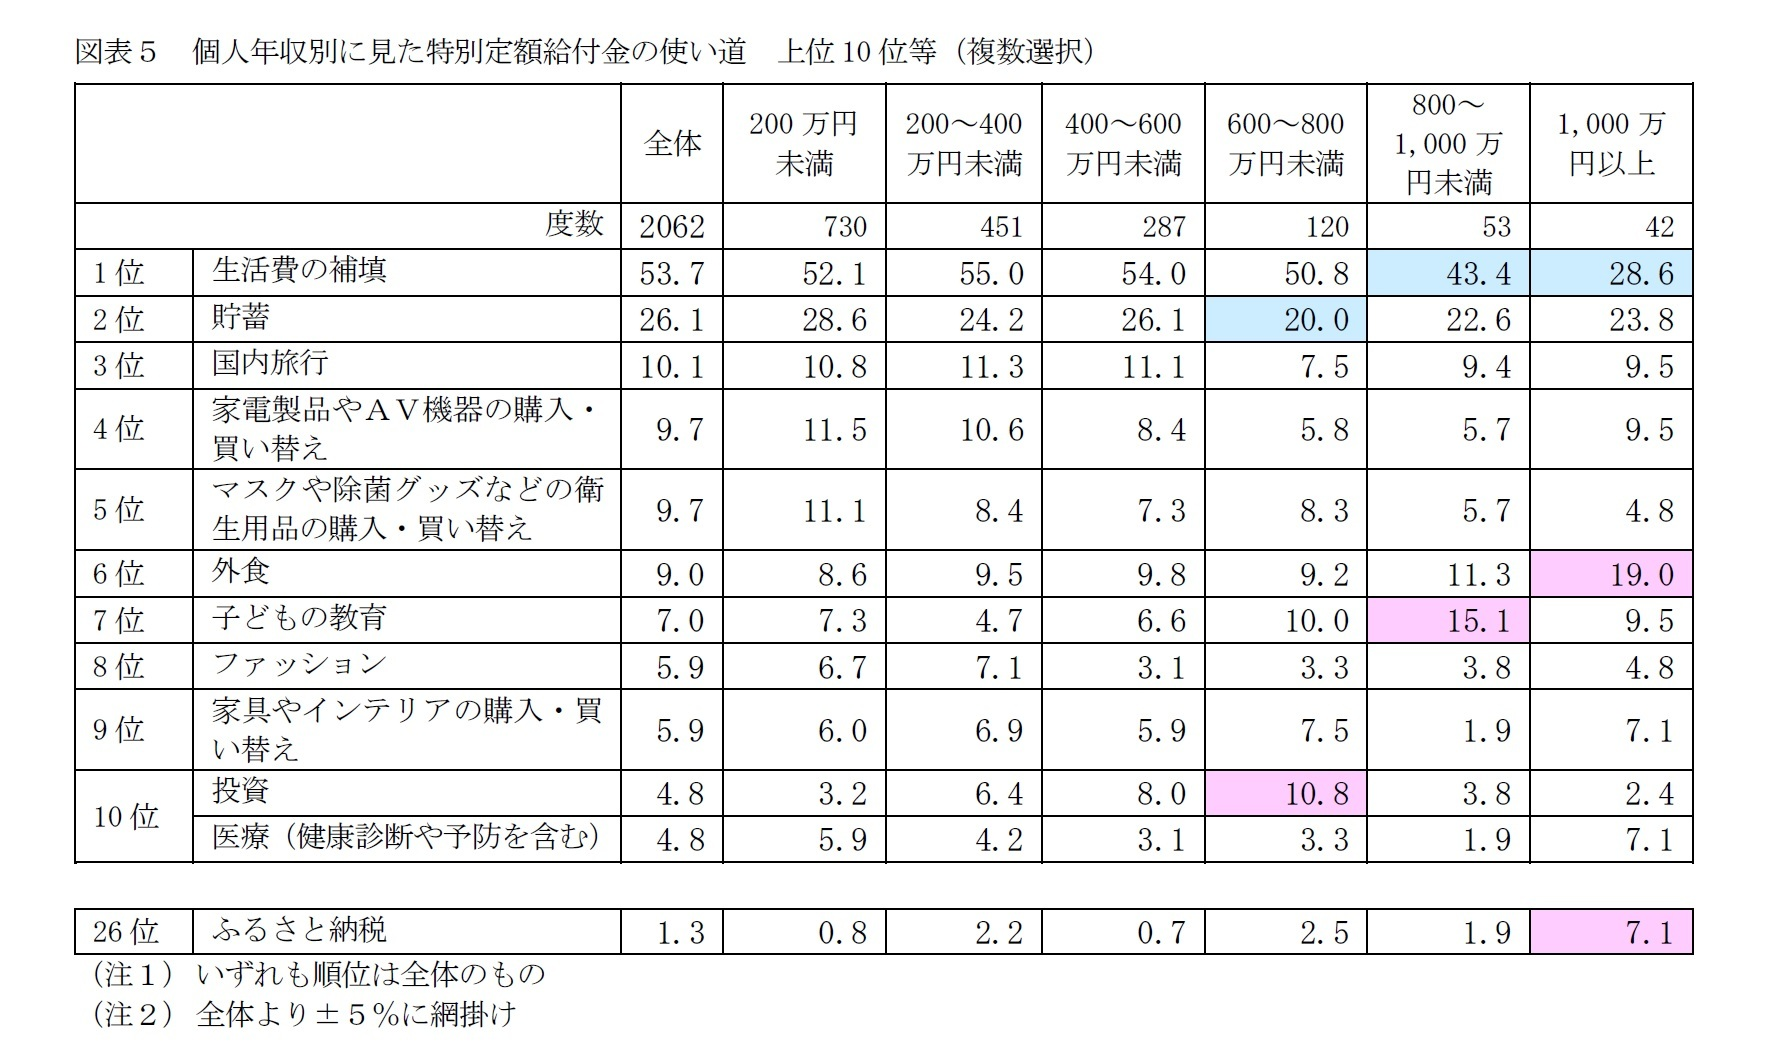 図表5 個人年収別に見た特別定額給付金の使い道 上位10位等(複数選択)